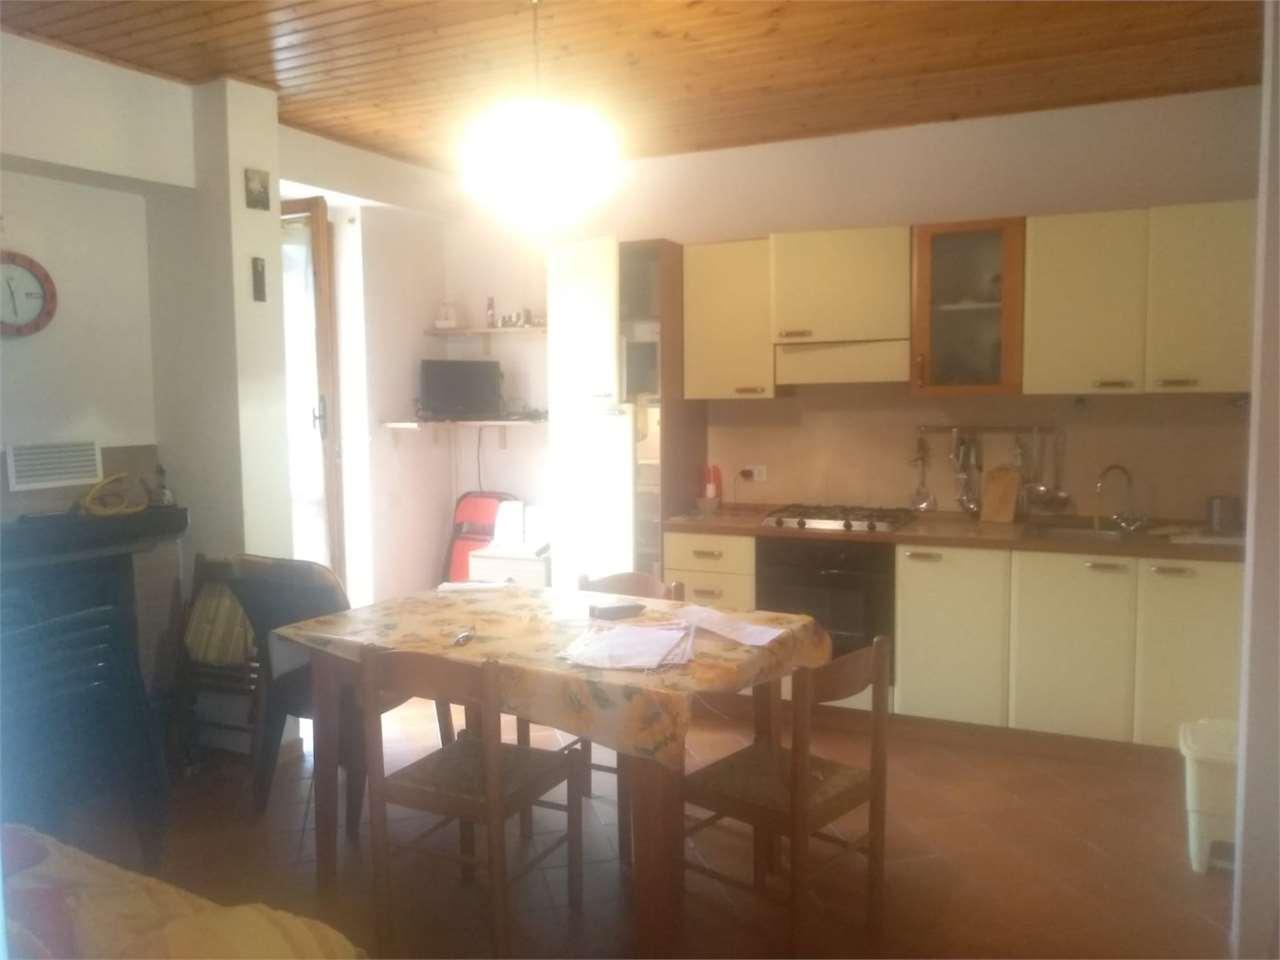 Appartamento in vendita a Ussita, 3 locali, prezzo € 63.000 | CambioCasa.it